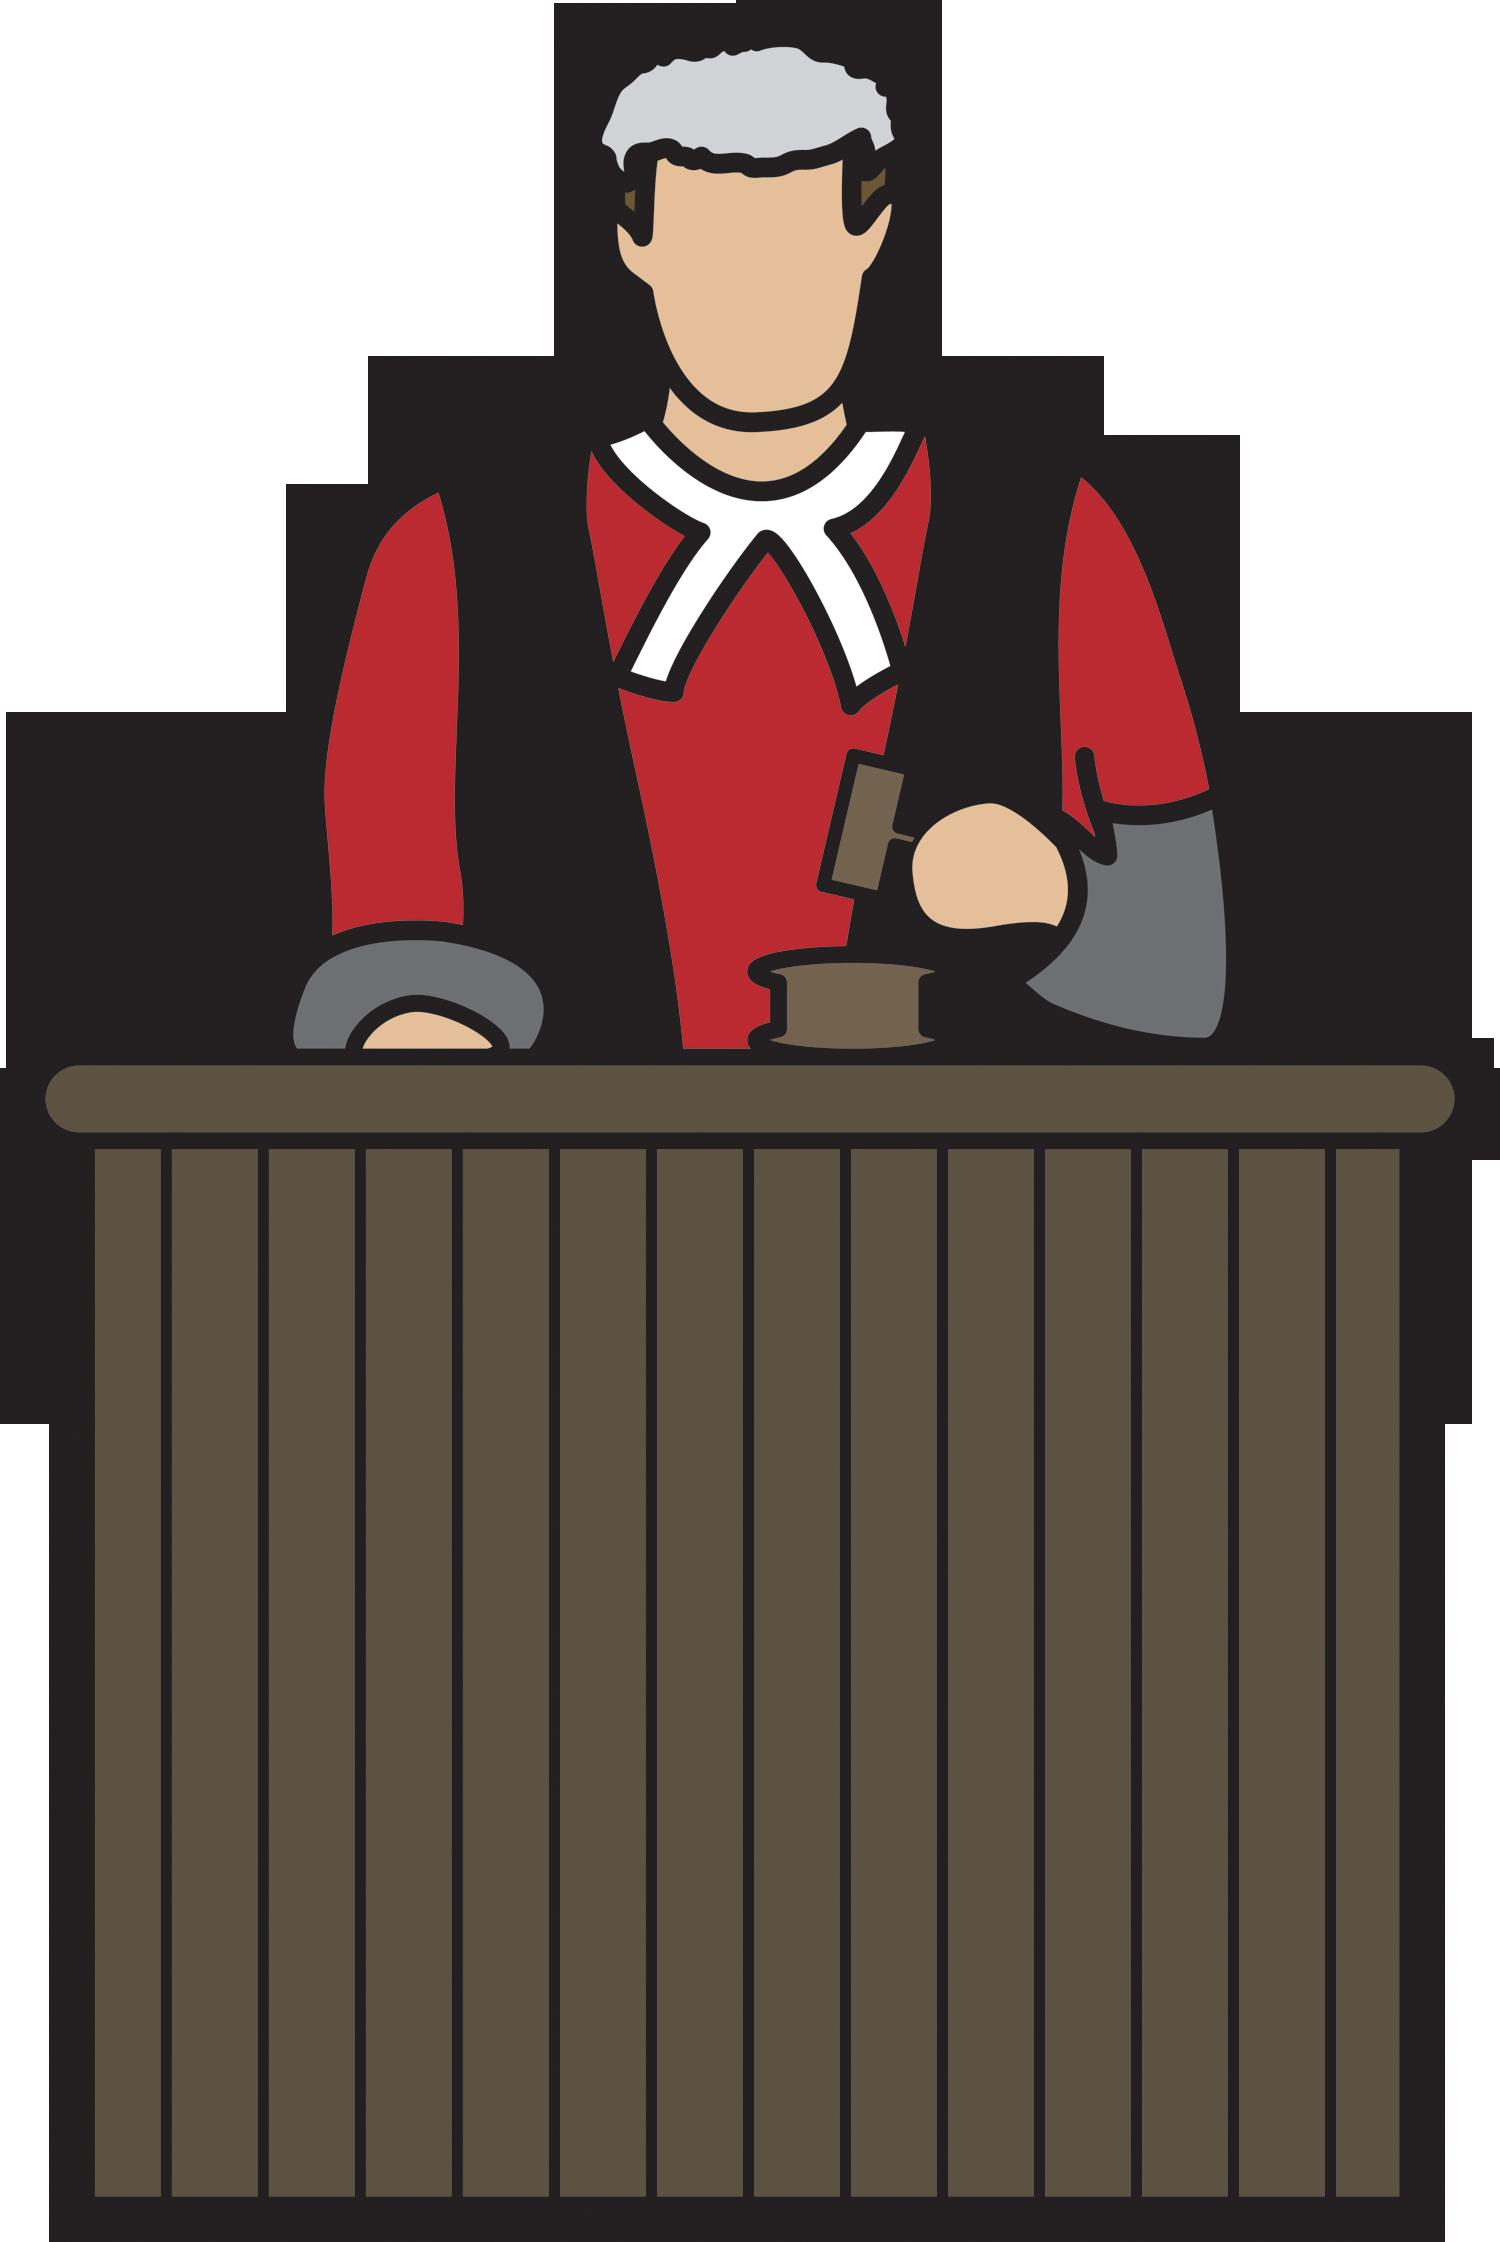 Cartoon download clip art. Free judge clipart